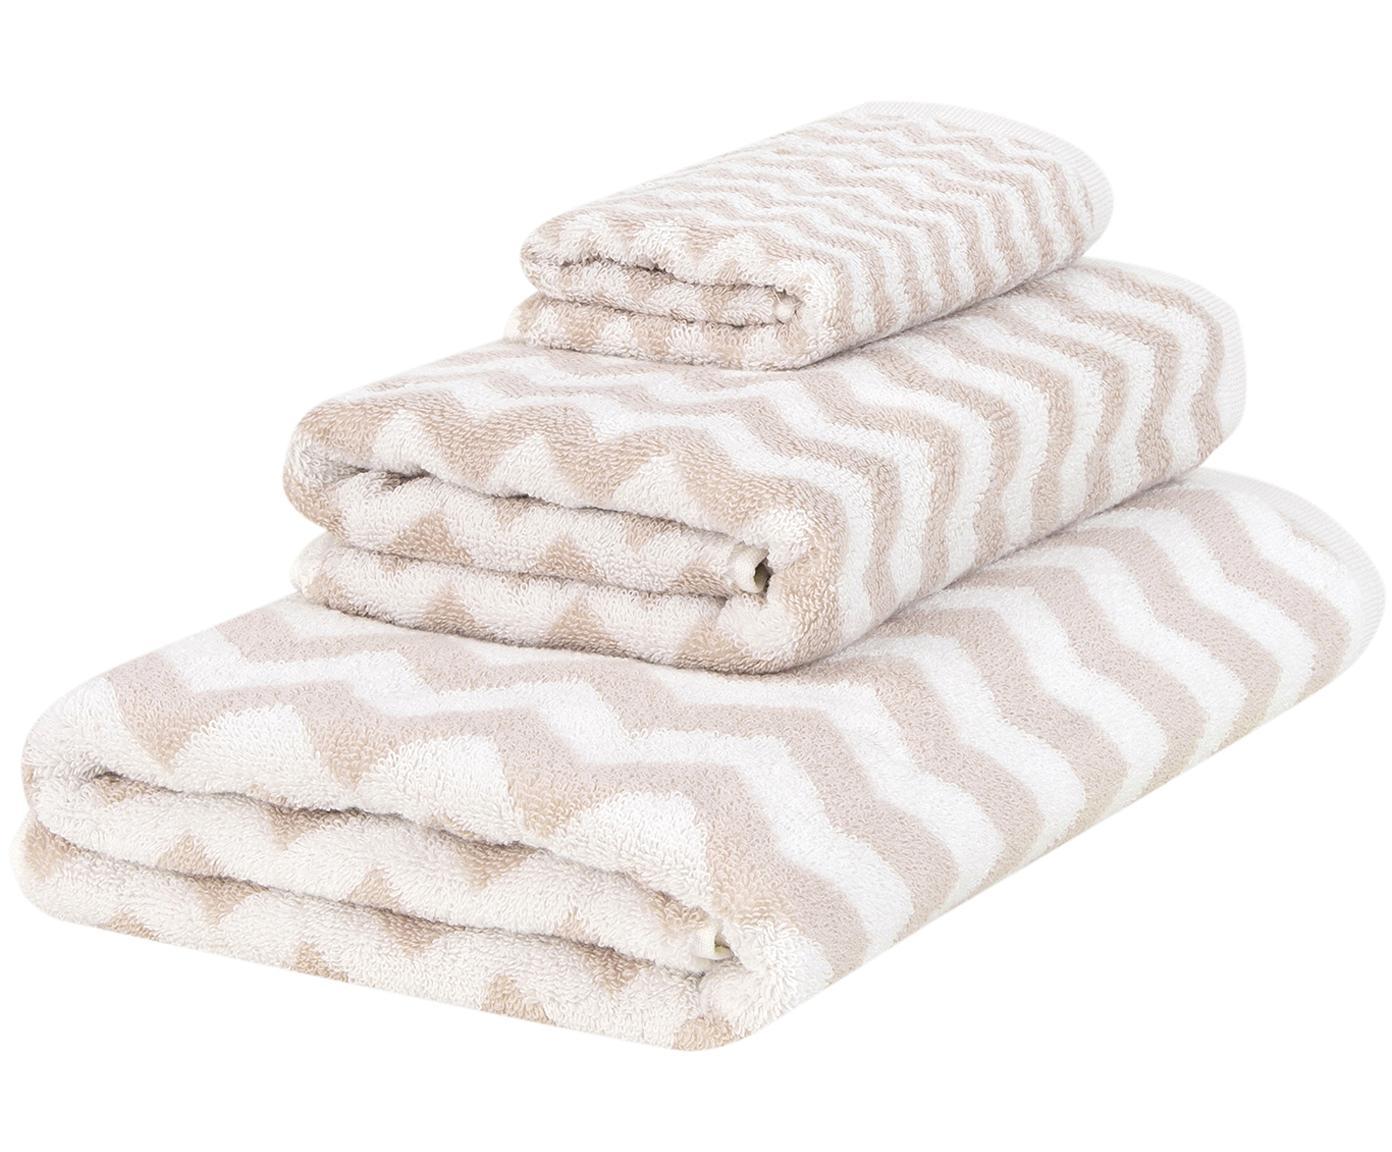 Set de toallas Liv, 3pzas., Color arena, blanco crema, Tamaños diferentes